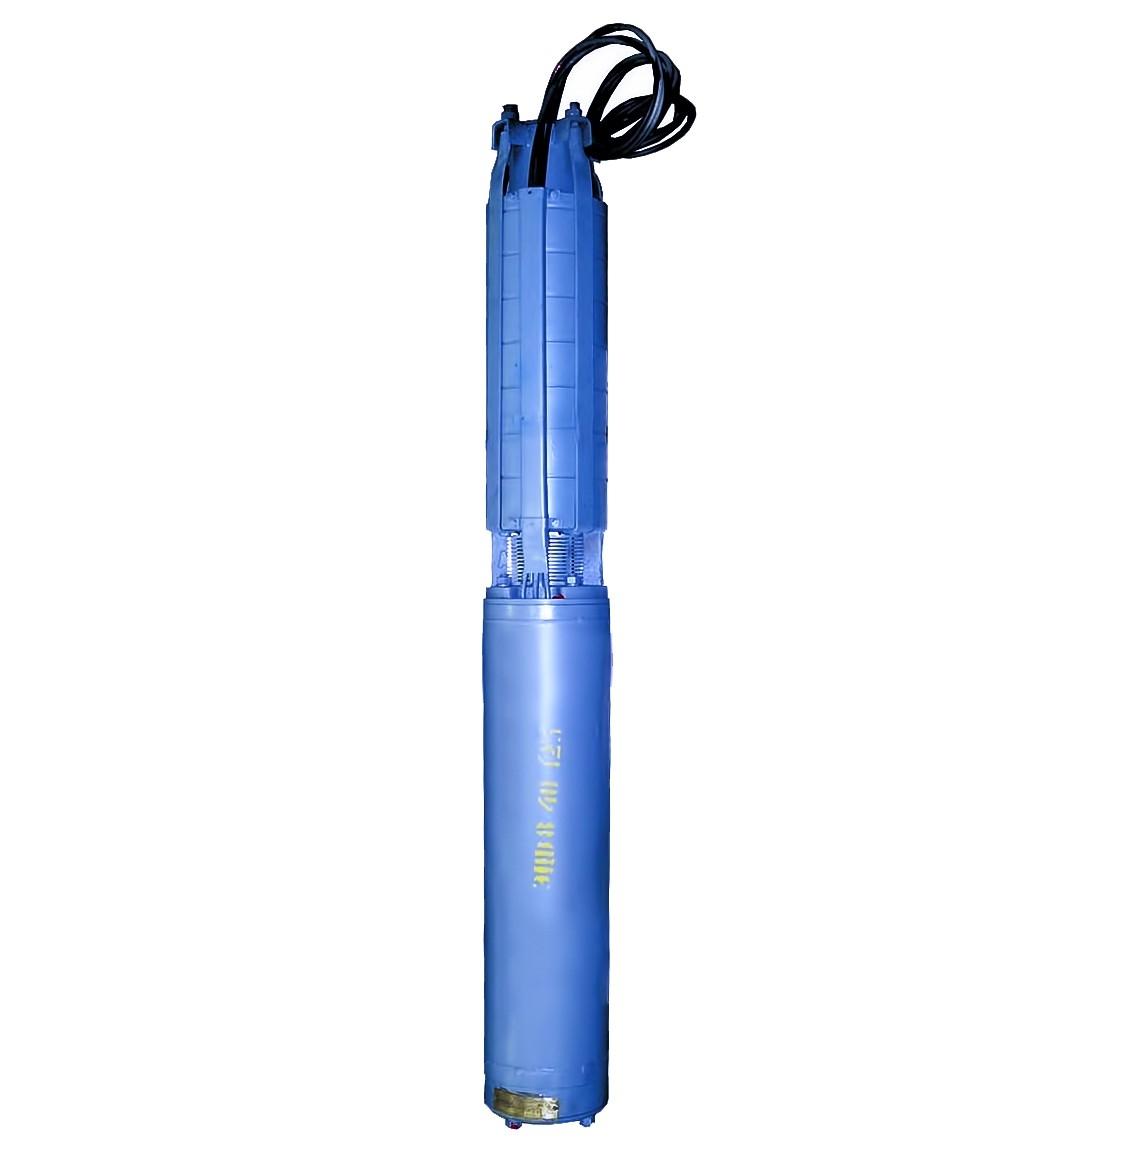 Погружной насос ЭЦВ 6-10-110 армлен